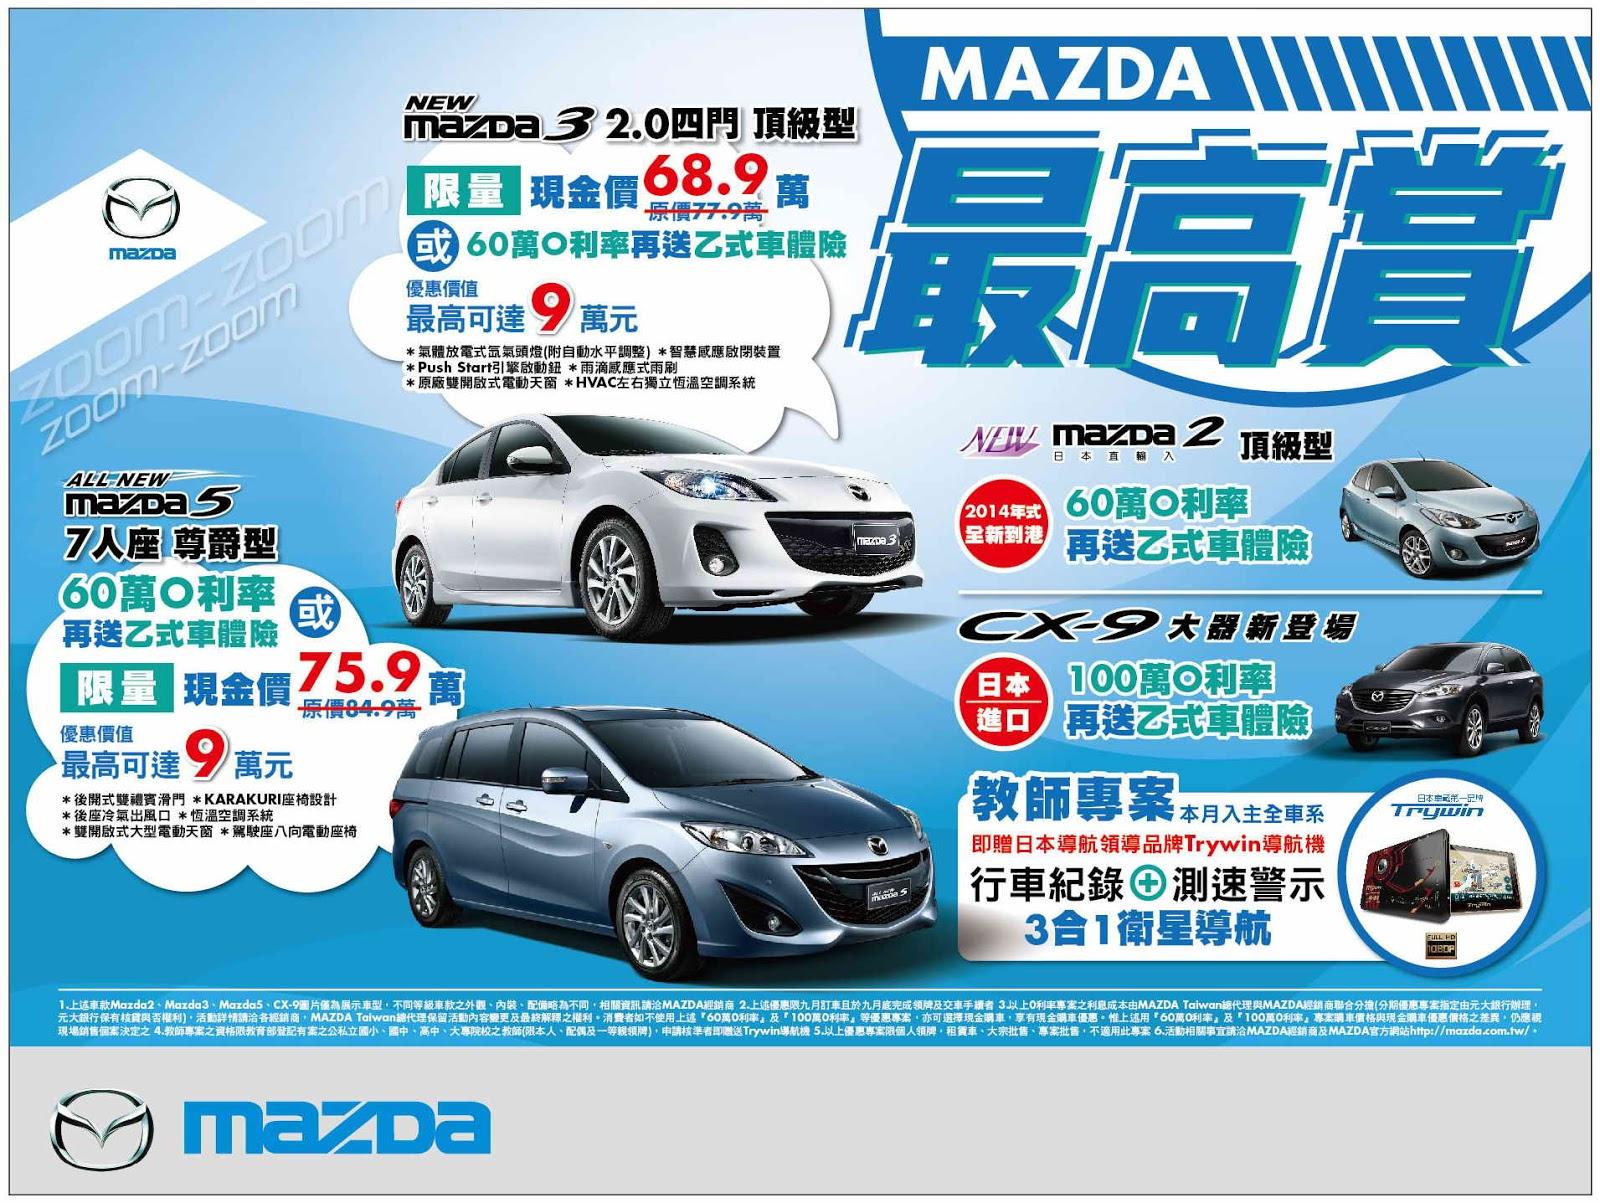 WannNews 望新聞網: MAZDA「最高賞」購車優惠 Mazda3 2.0四門頂級型限量特價68.9萬元